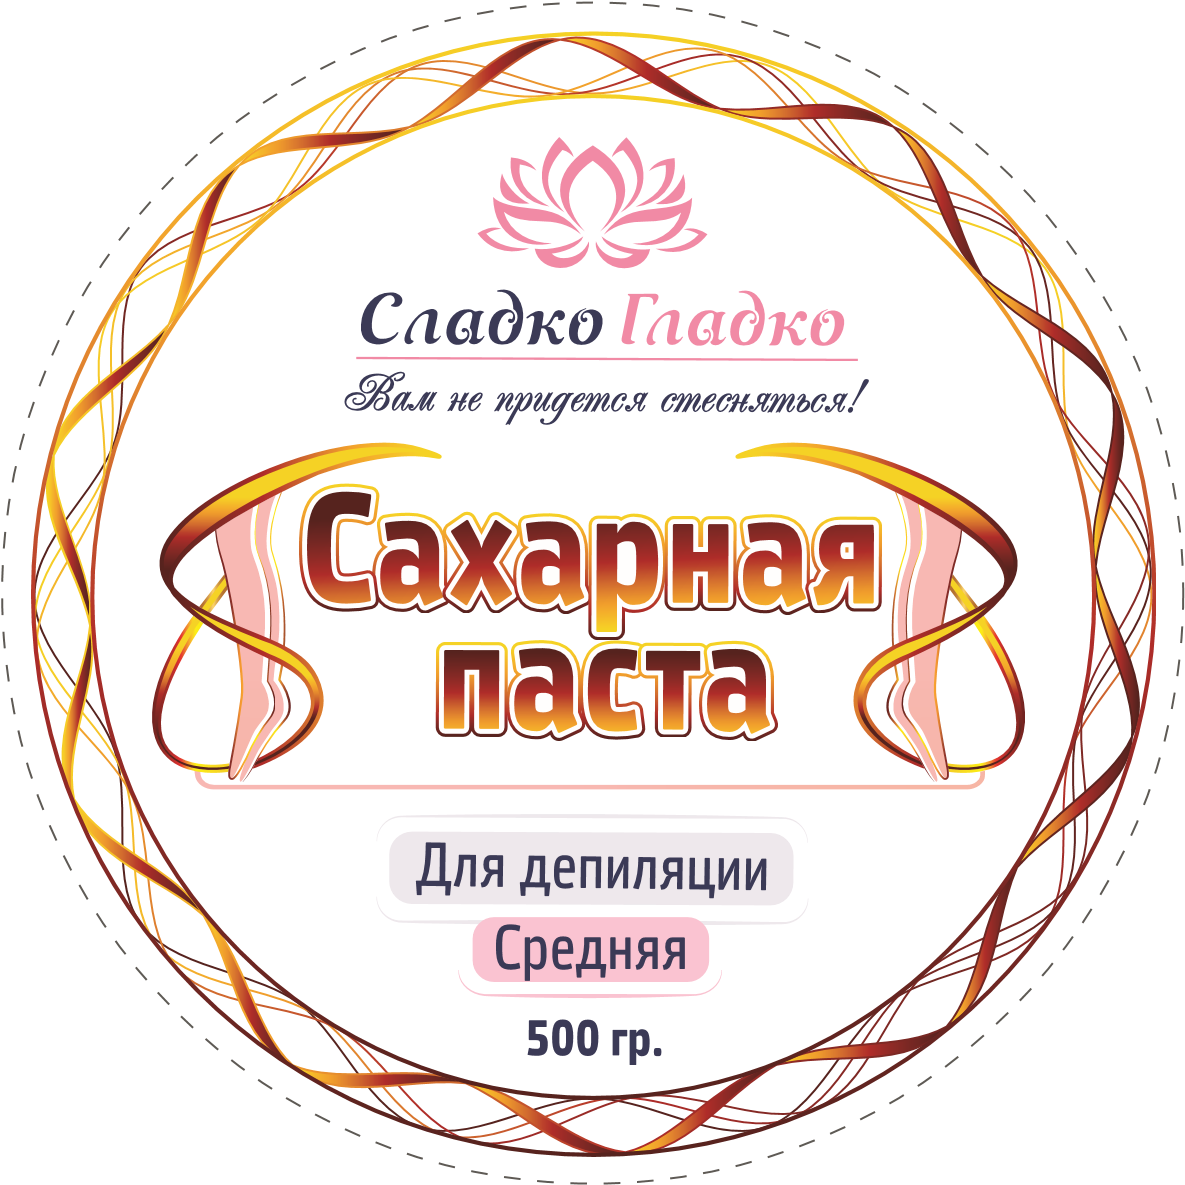 Разработка дизайна, логотипа, этикетки фирменного стиля в Ярославле